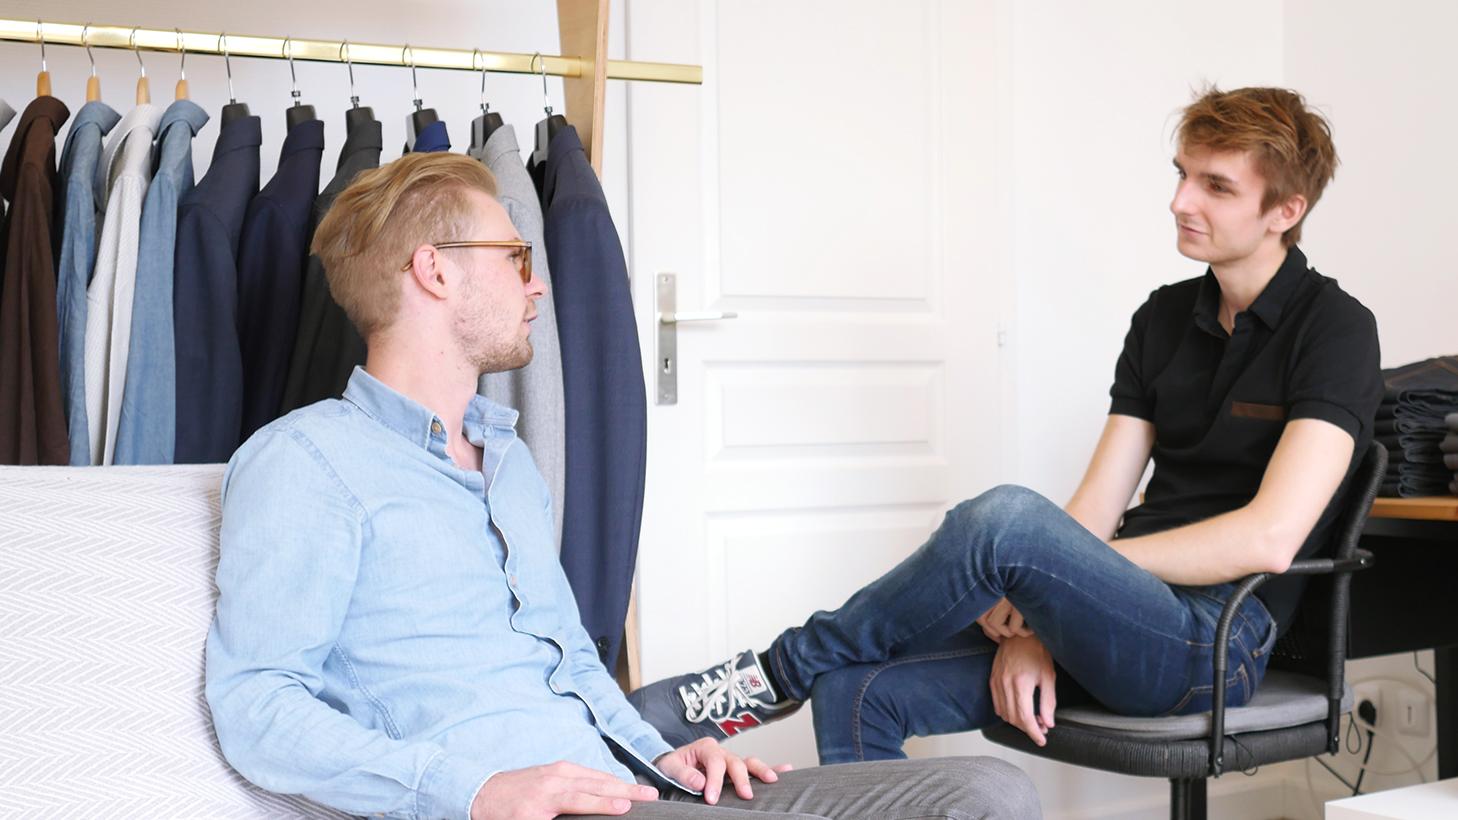 blog-mode-homme-strasbourg-masuculin-paris-lifestyle-blogueur-fashion-blogger-fench-bonne-gueule-joris-interview-call-me-maurice-1